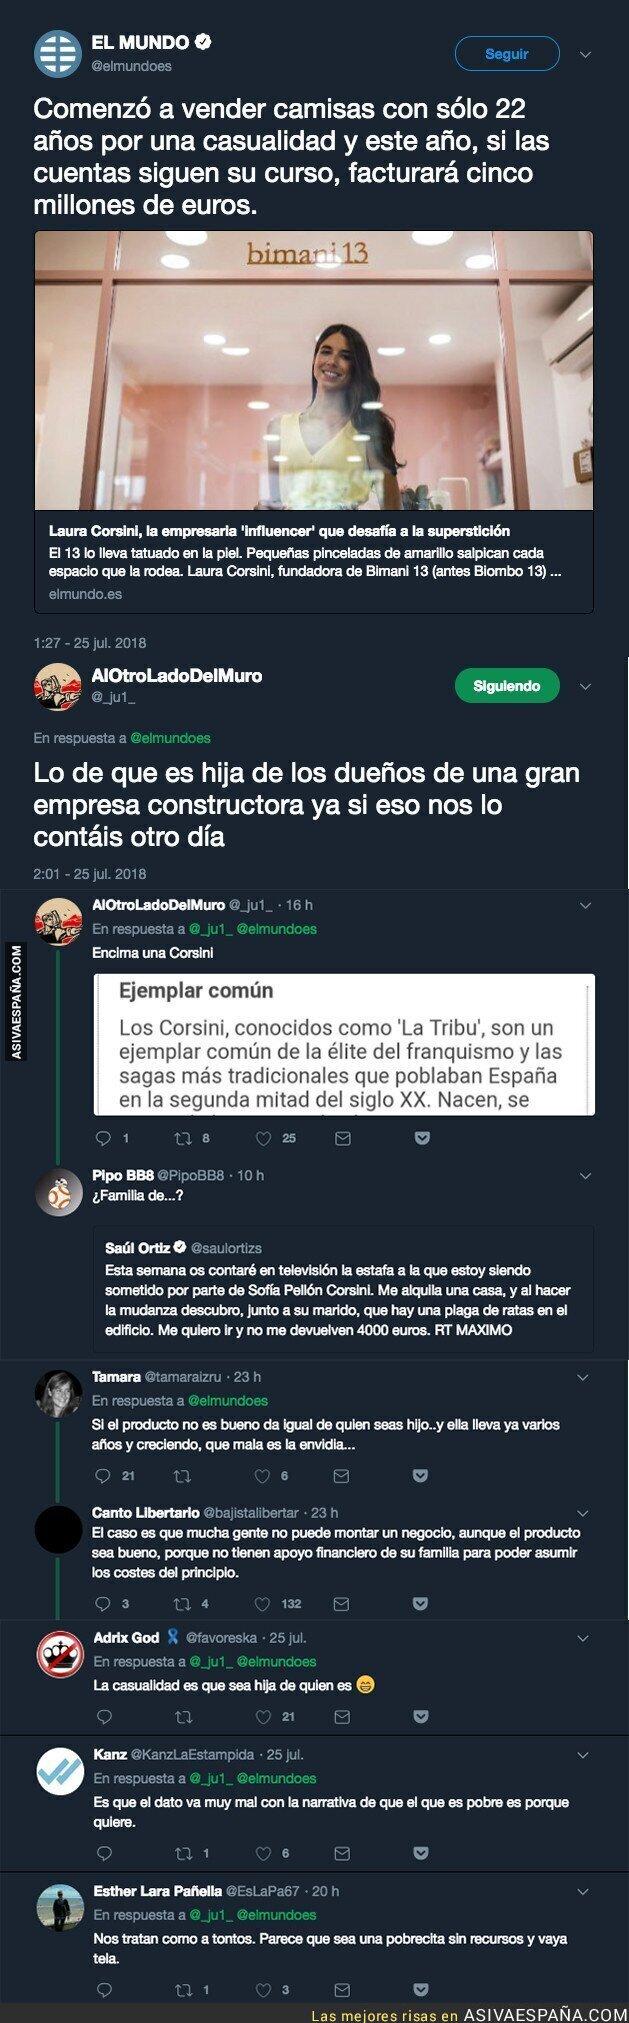 90100 - El diario 'El Mundo' pone como ejemplo a esta empresaria 'influencer' y Twitter descubre la verdadera identidad de esta persona